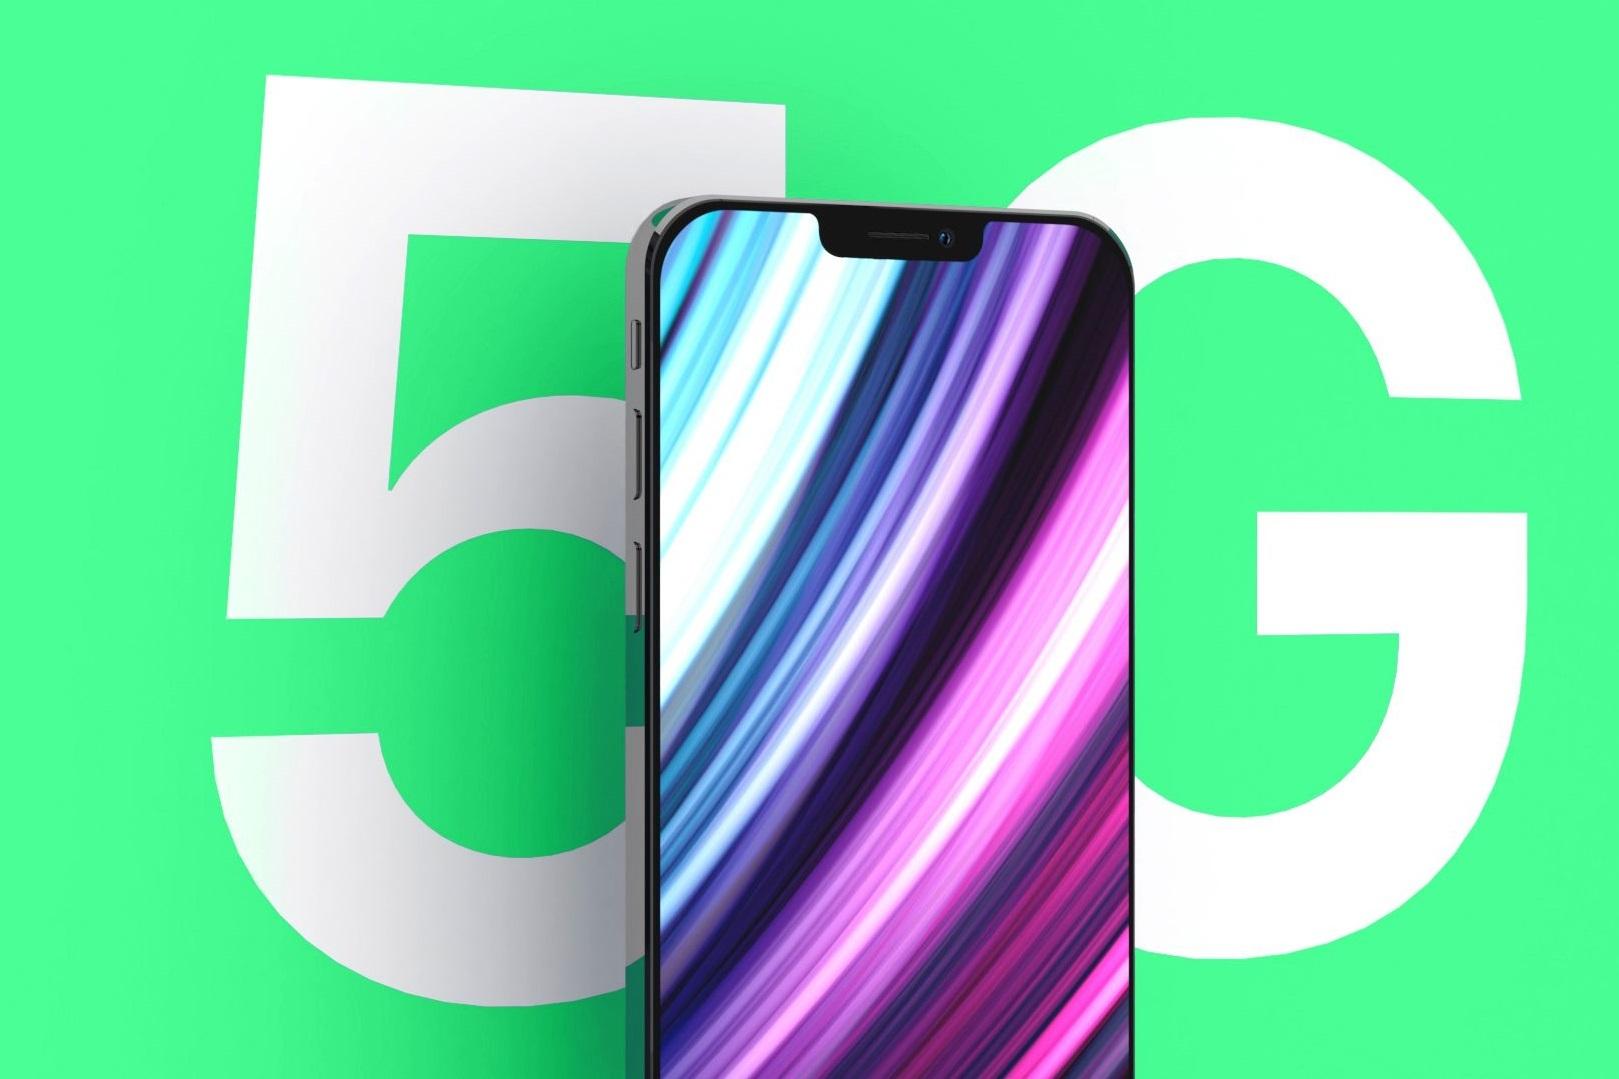 Những cách tiết kiệm dữ liệu 5G trên iPhone 12